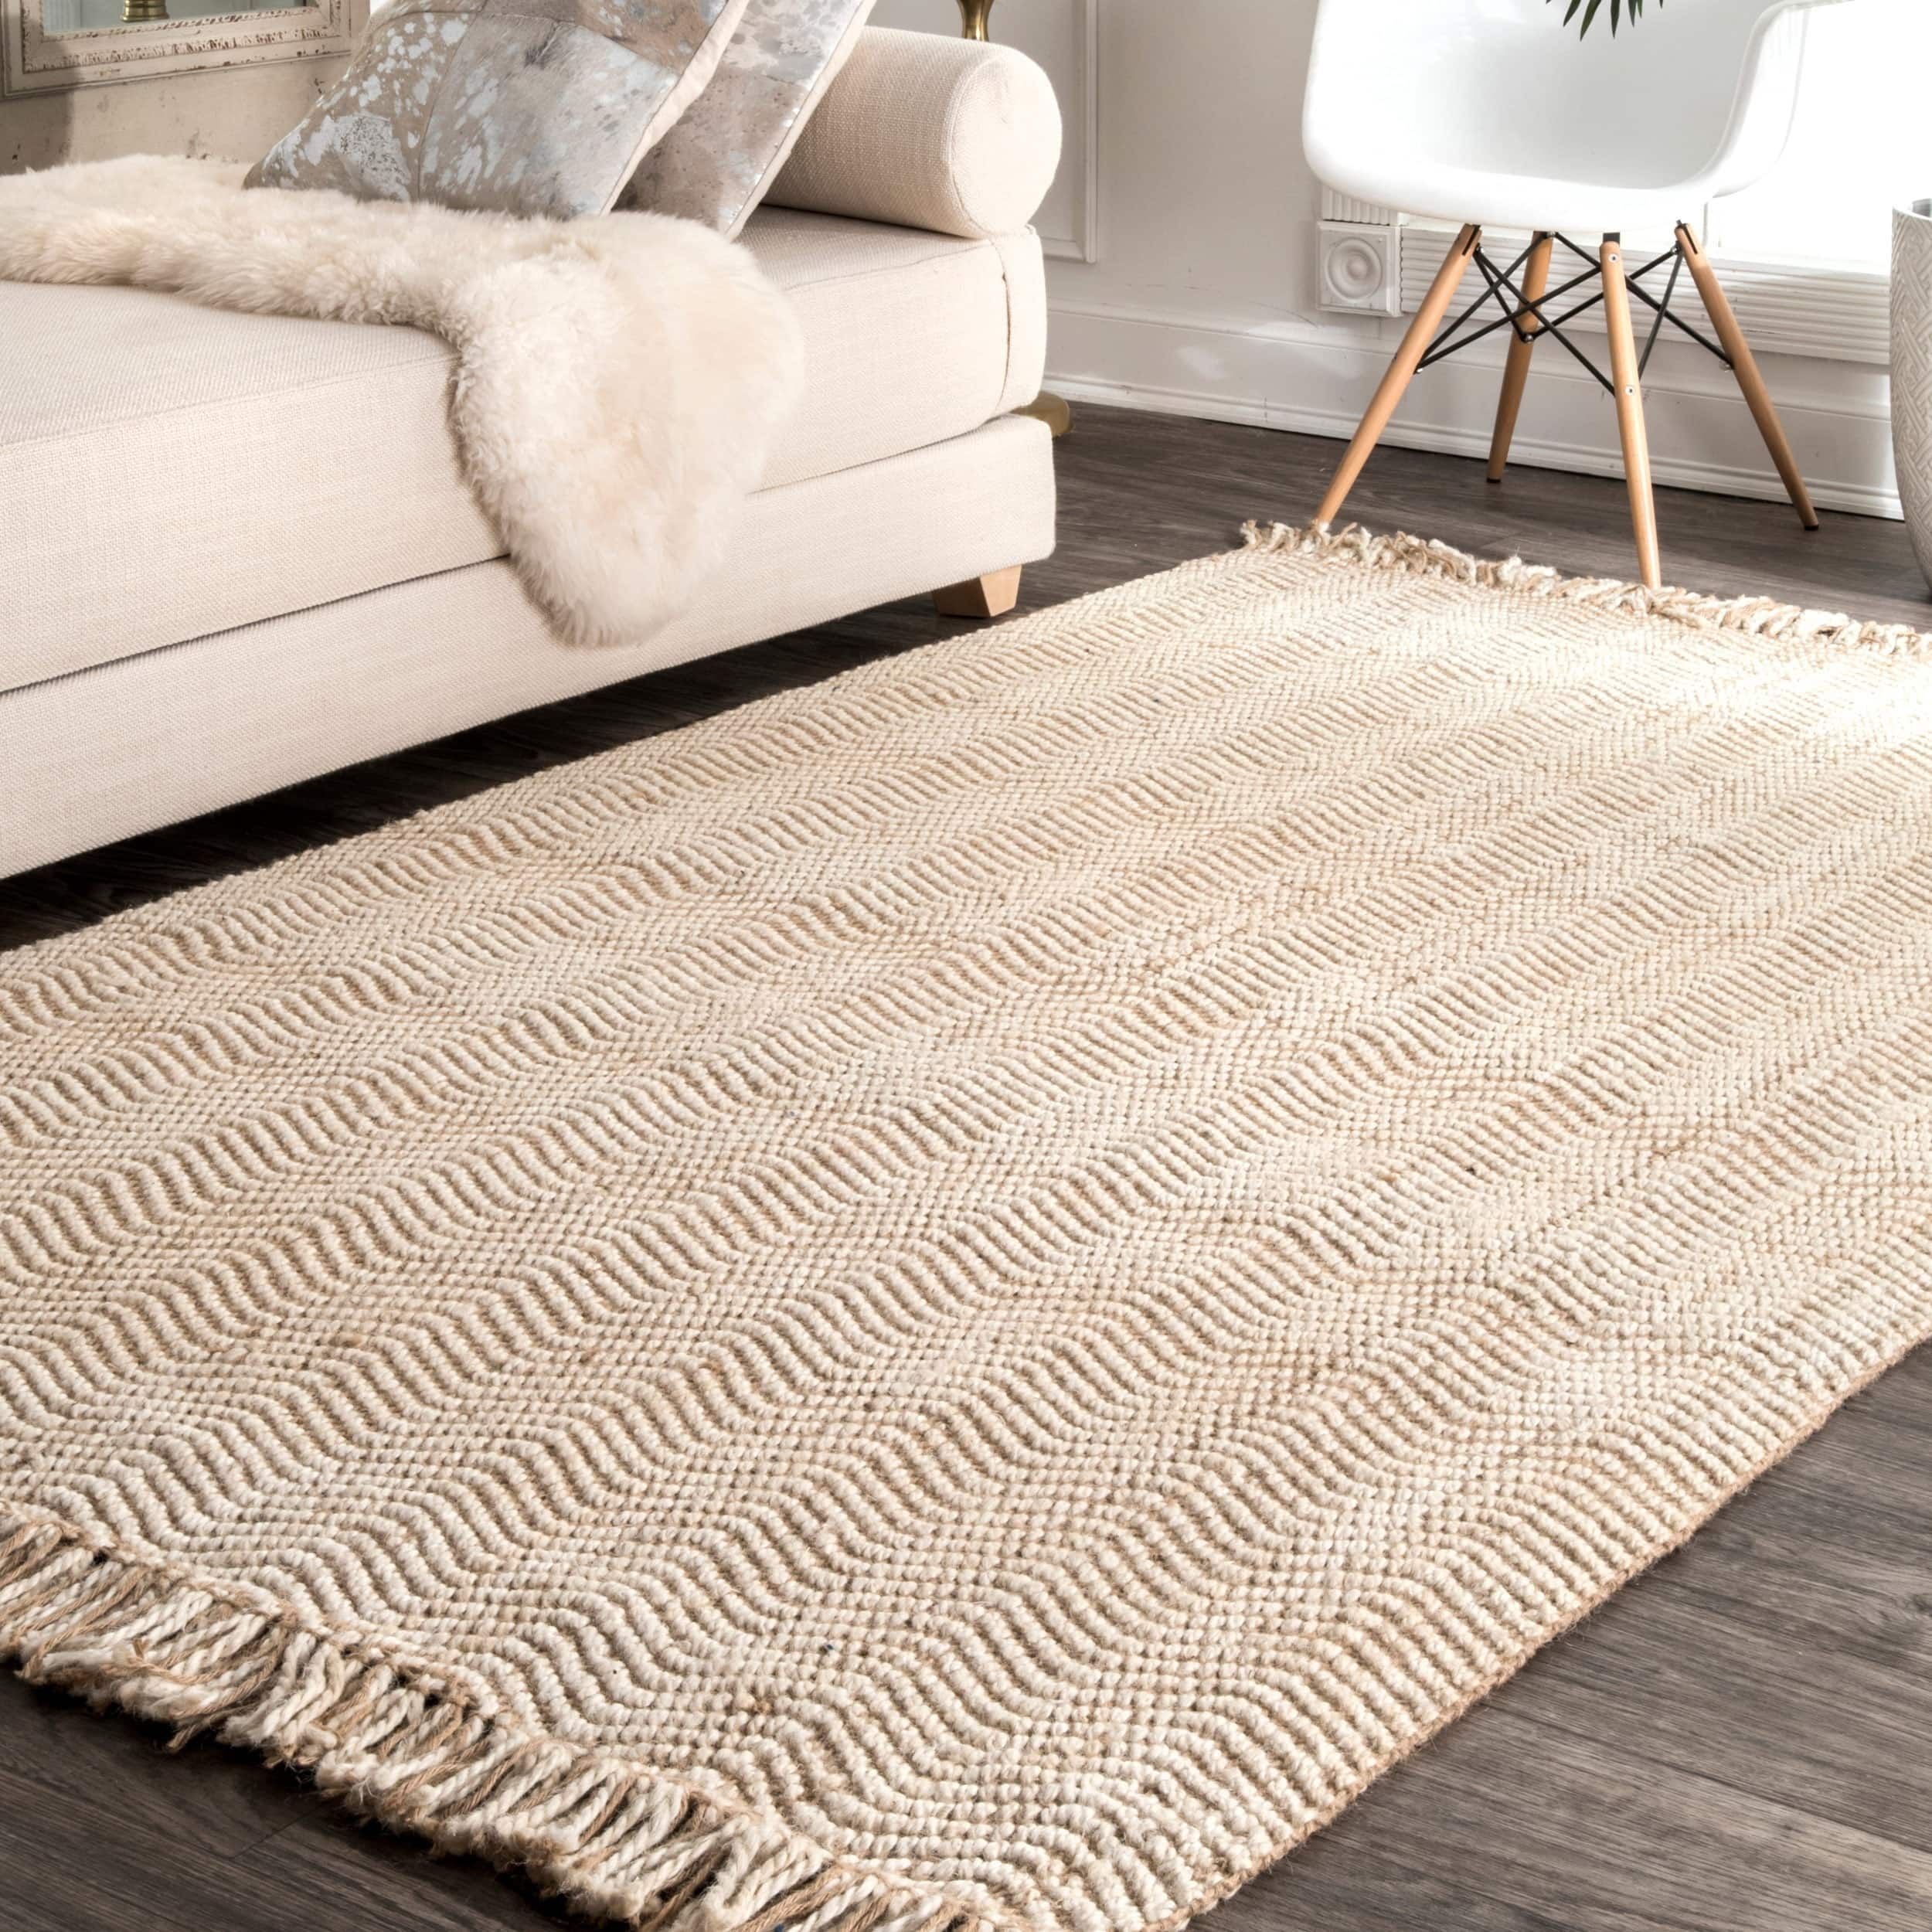 Nuloom Handmade Texture Turku Jute Rug 9 X 12 Jute Rug Rugs In Living Room Sisal Area Rugs